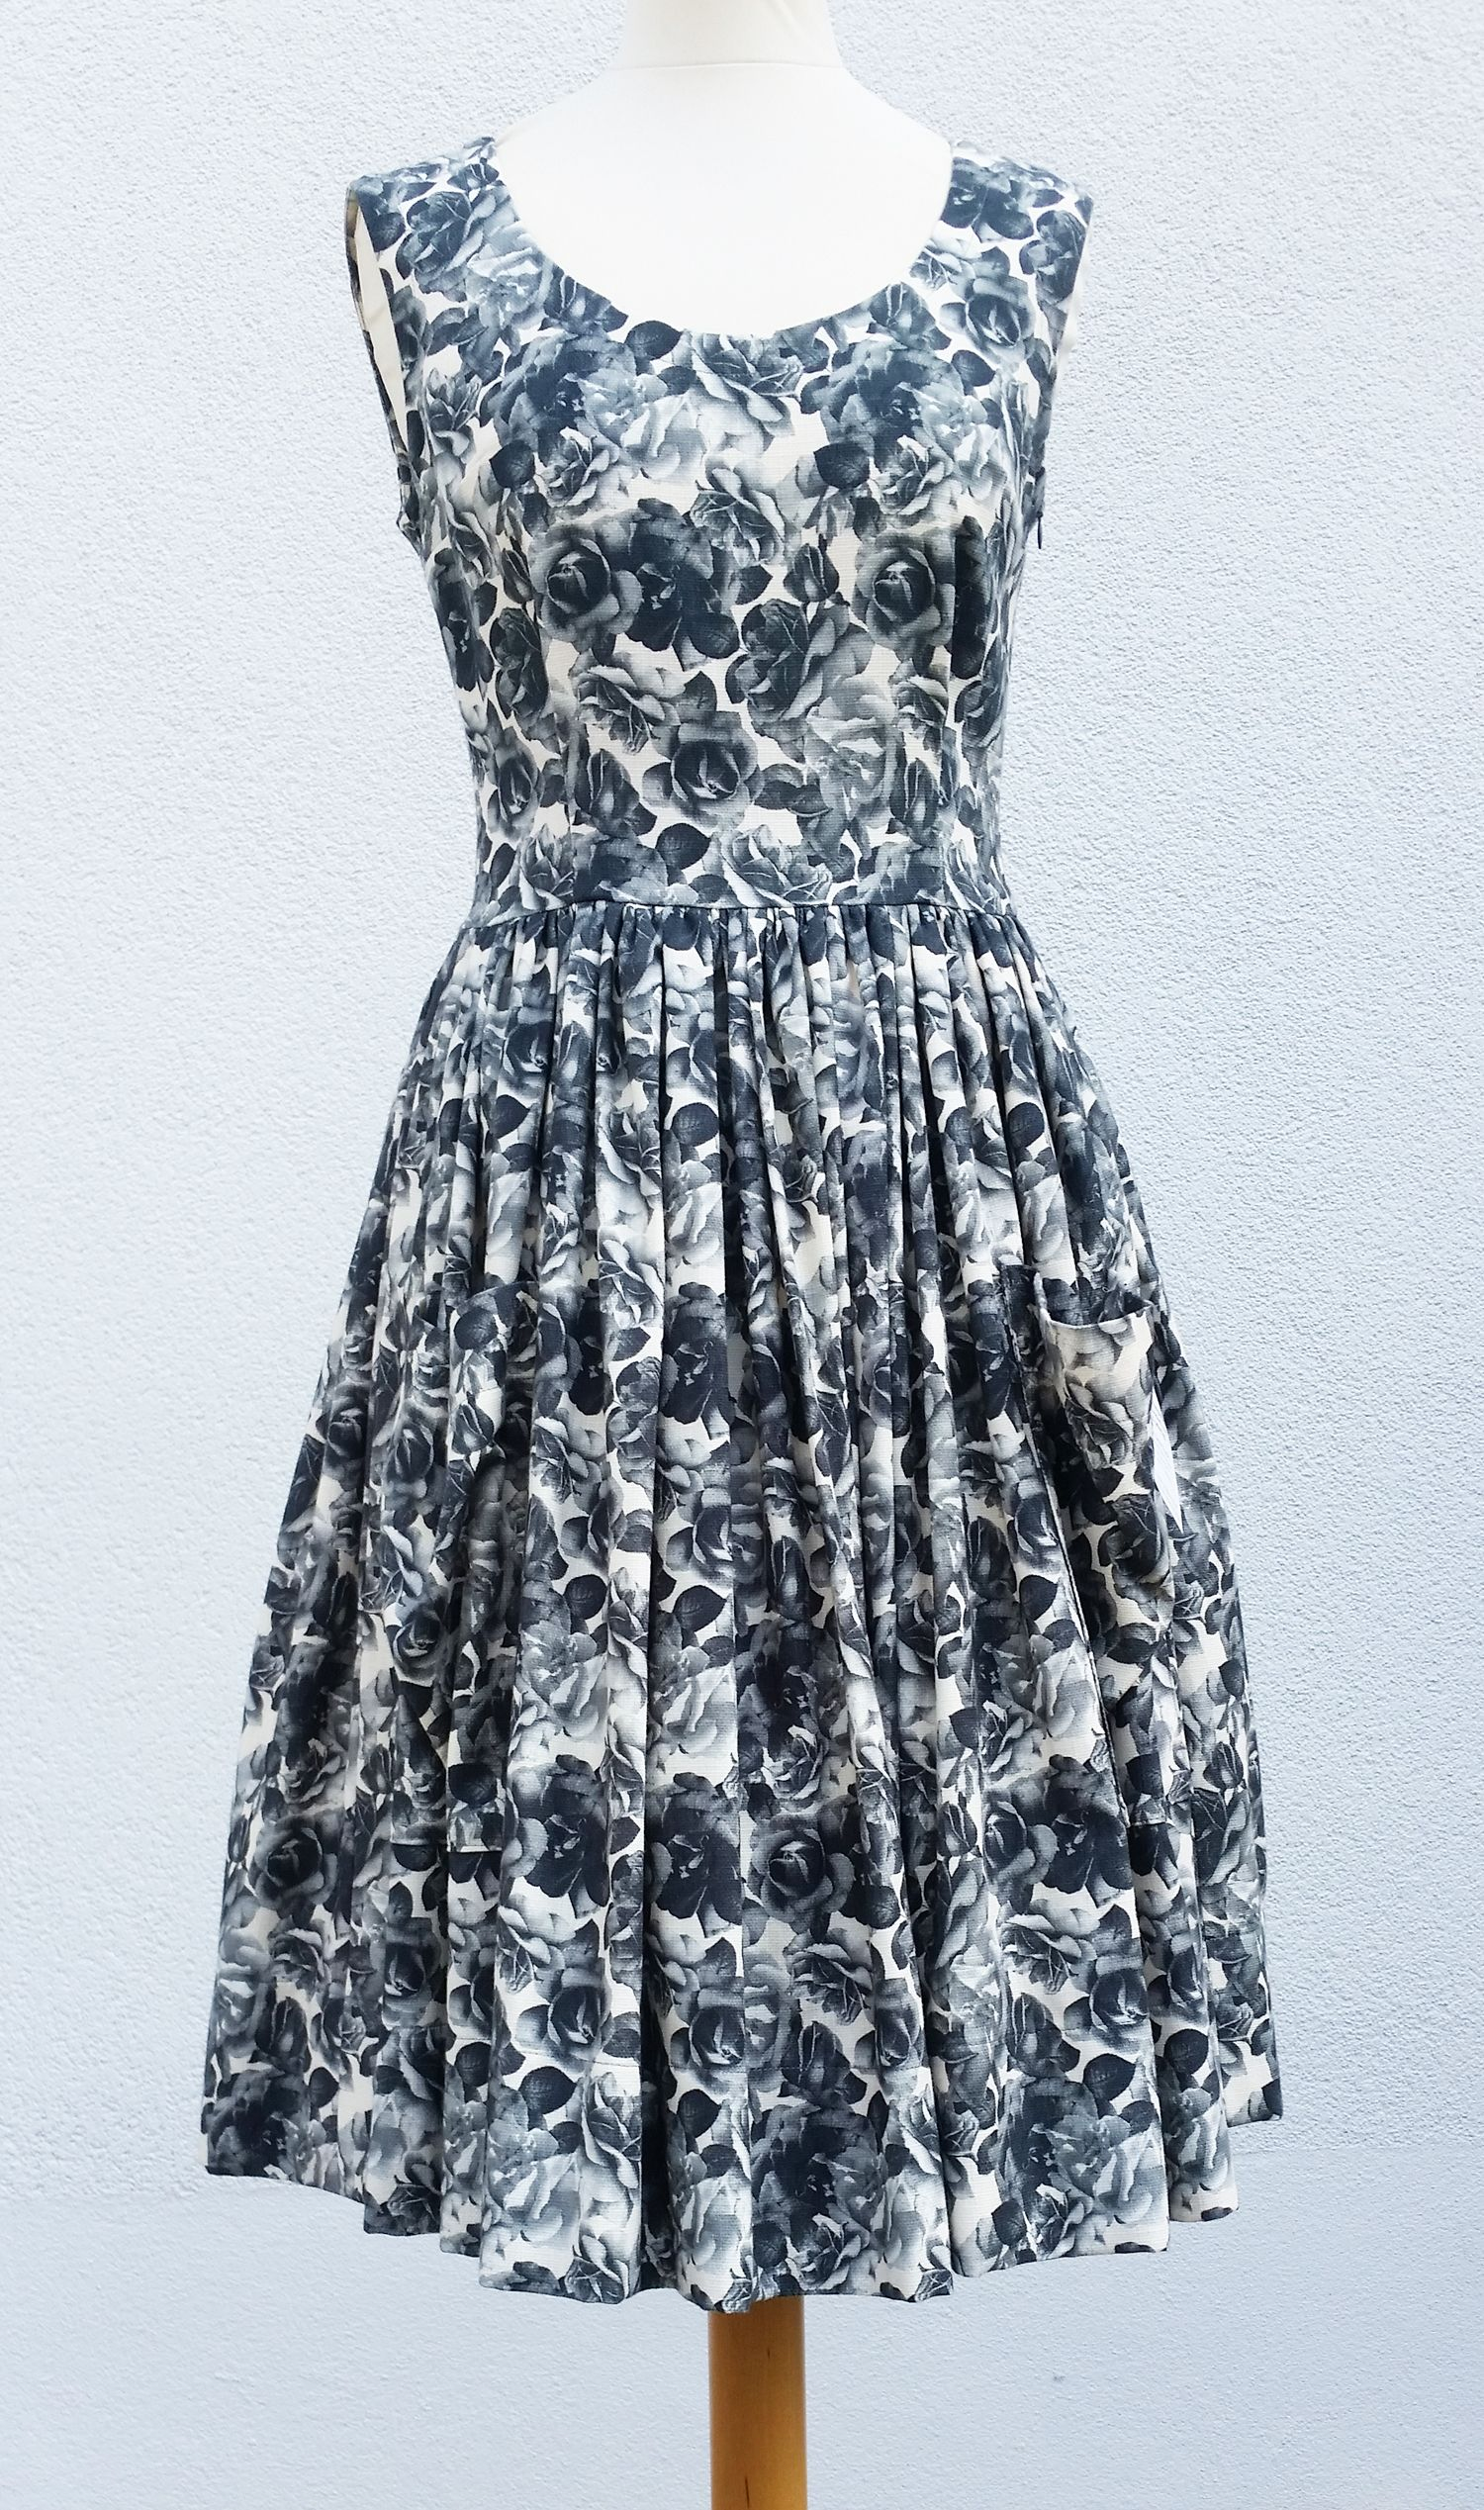 Kleid im 50er Jahre Stil von klennes 100% Baumwolle, im Vorderteil mit                    2 aufgesetzten Taschen.